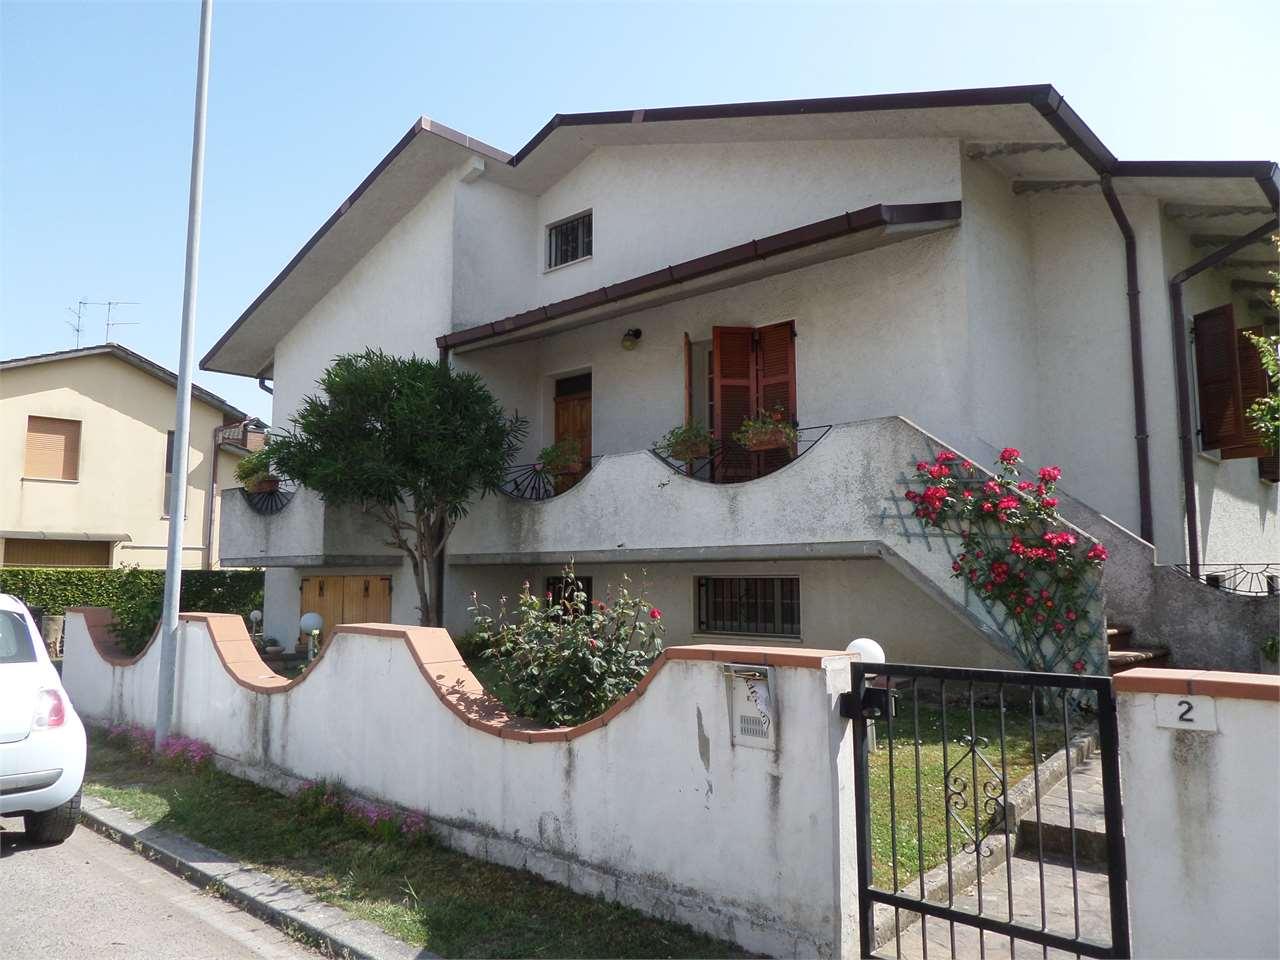 Villa Bifamiliare in vendita Ravenna Zona Piangipane